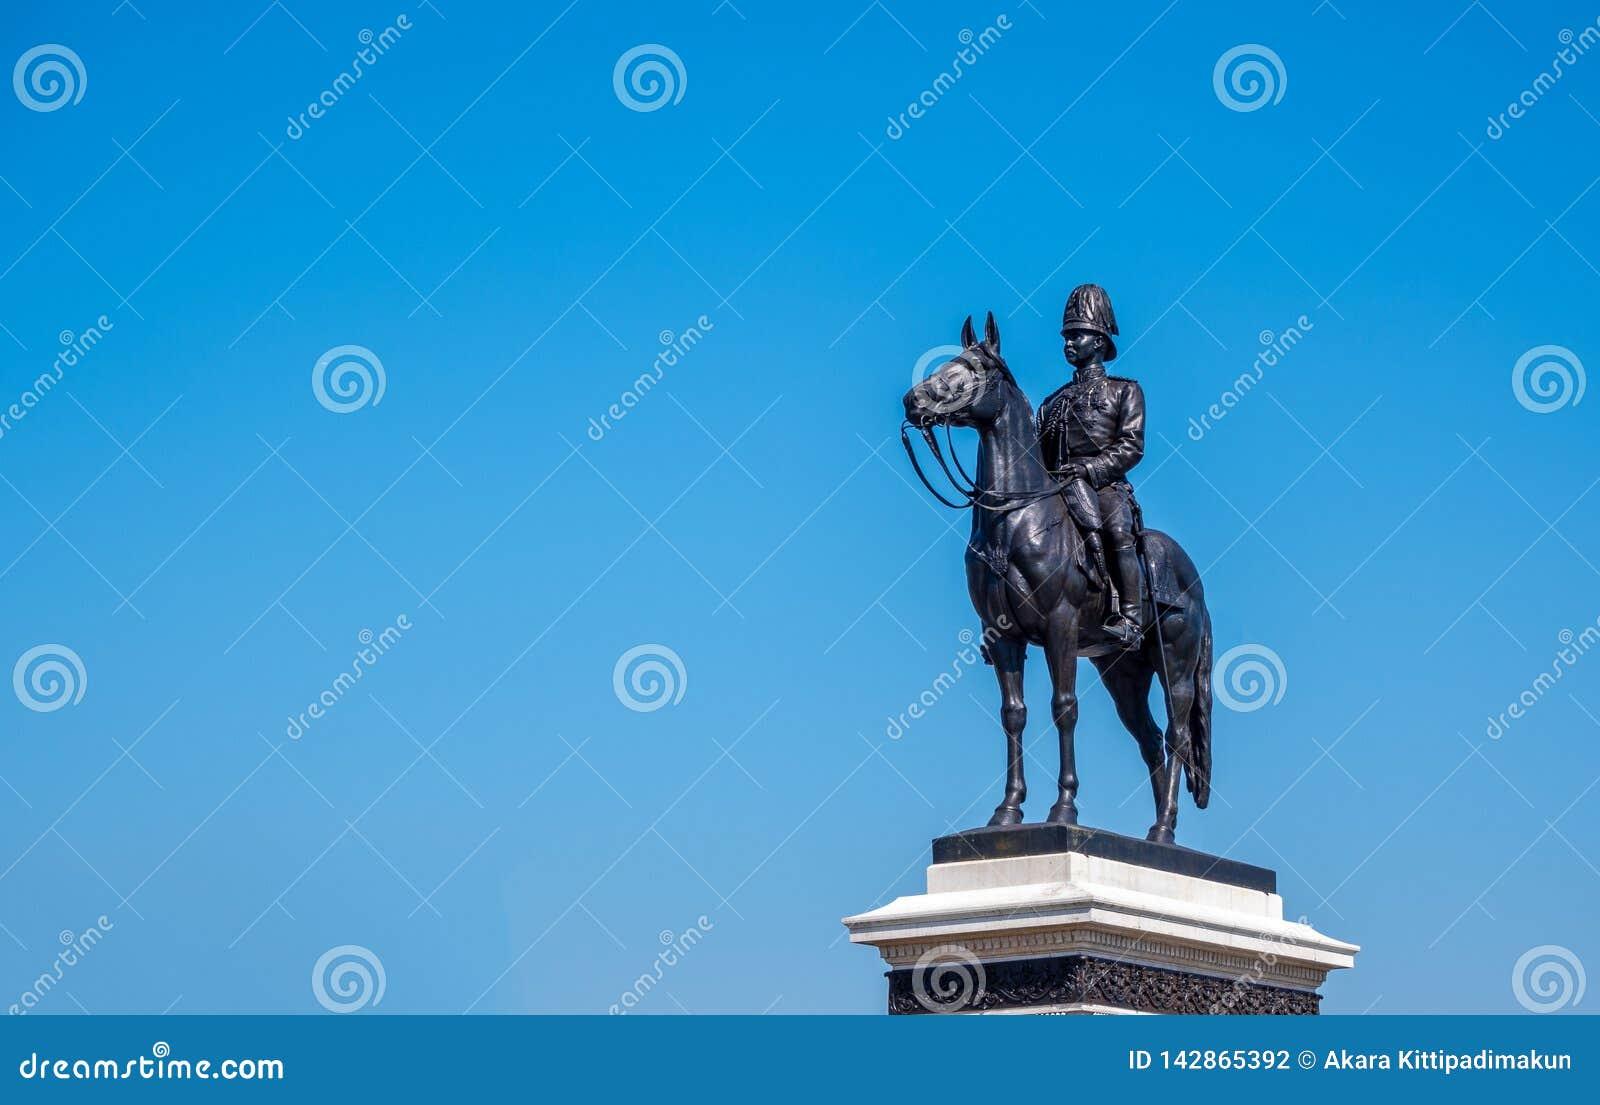 Statue von König Rama V das große von Thailand